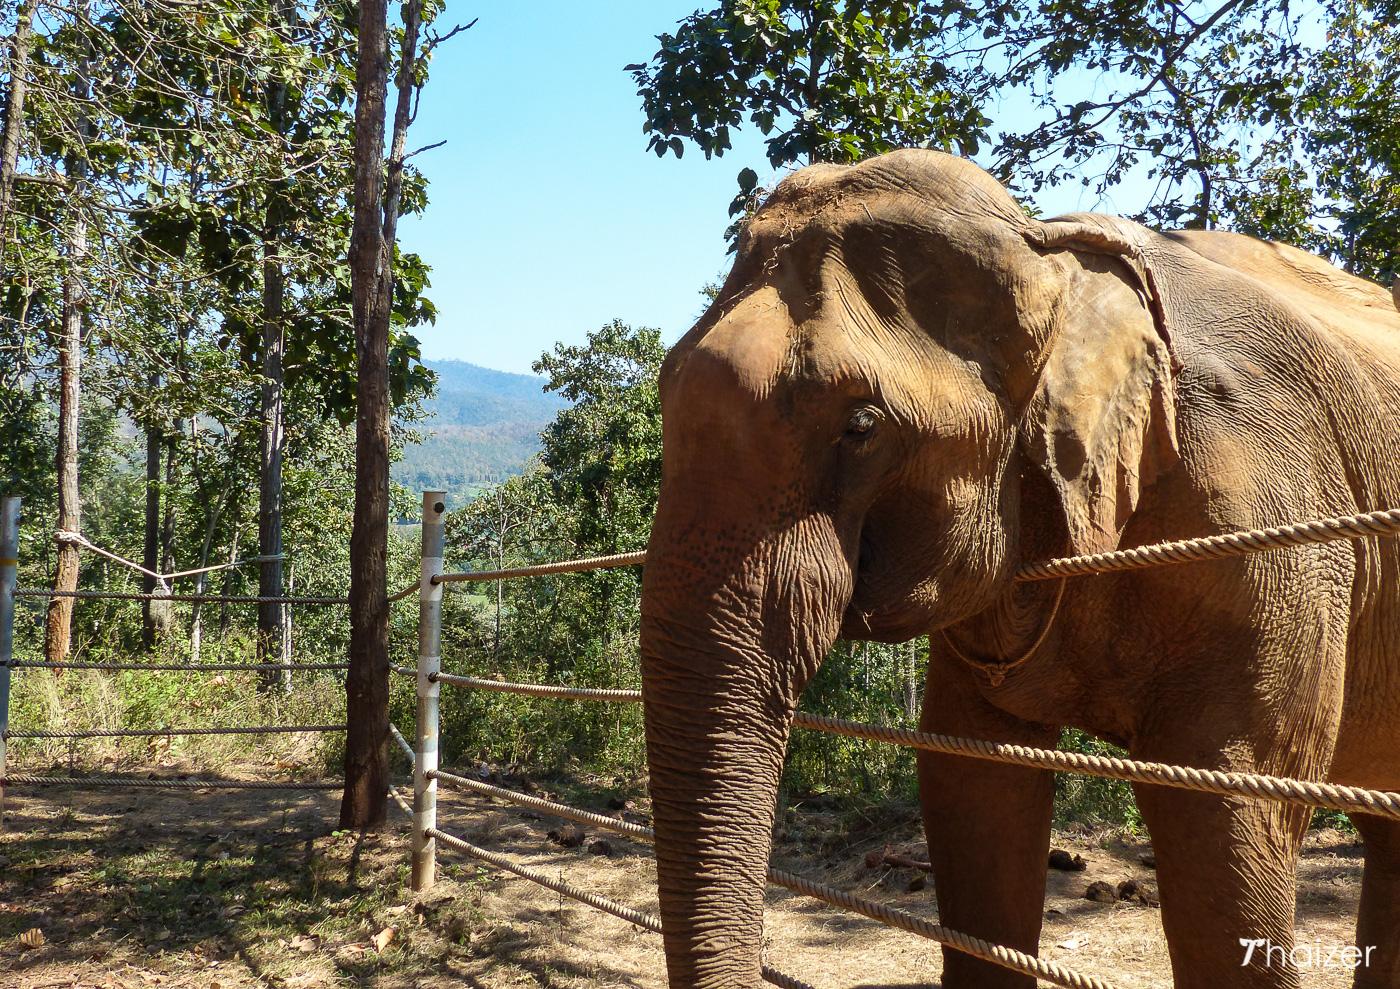 Tong Bai Elephant Tours, Chiang Mai